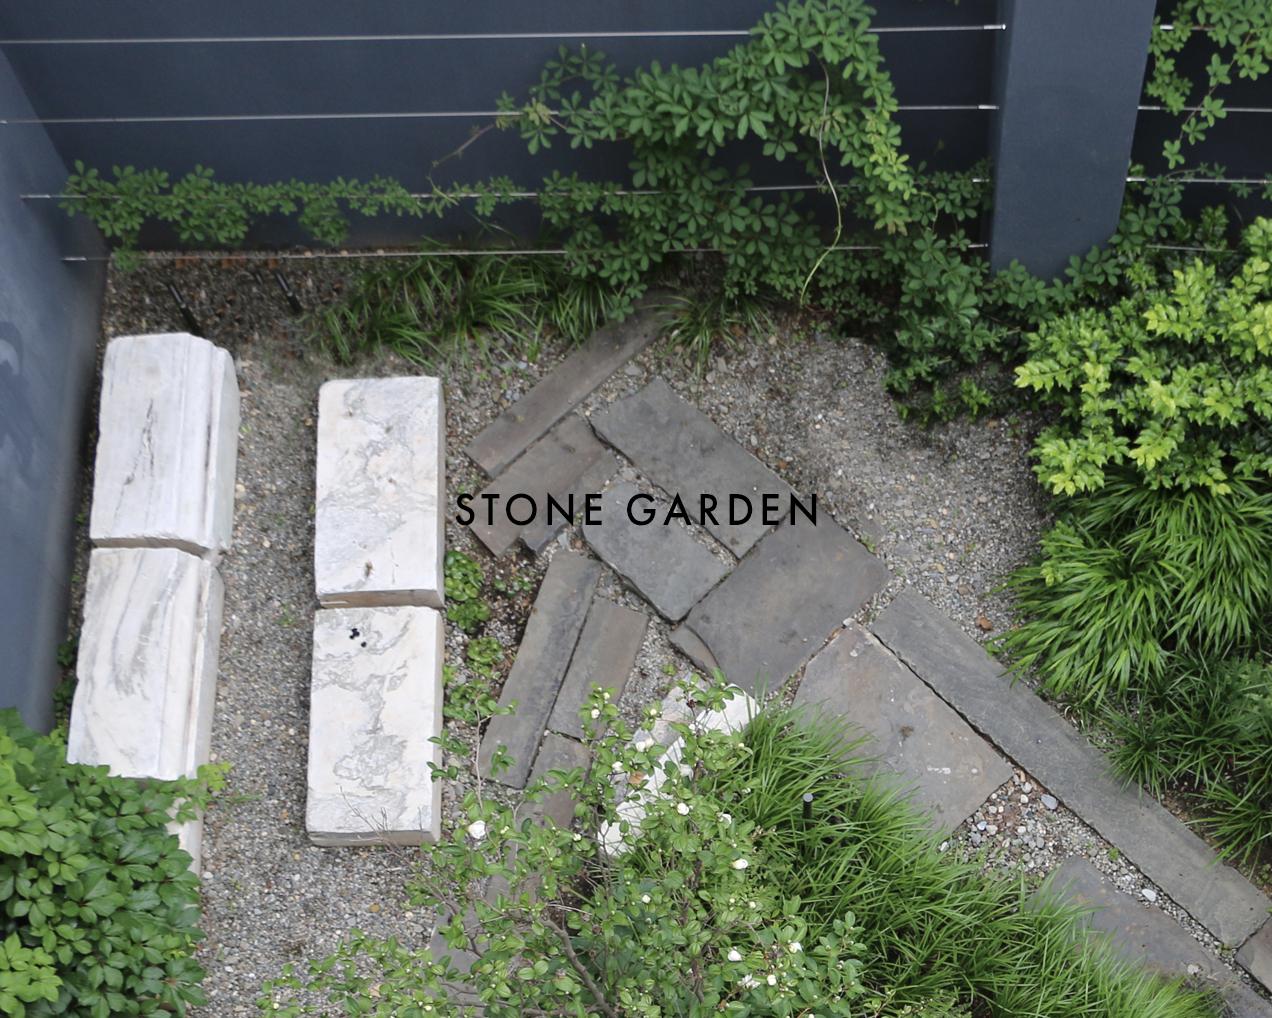 res6-stone garden copy.jpg